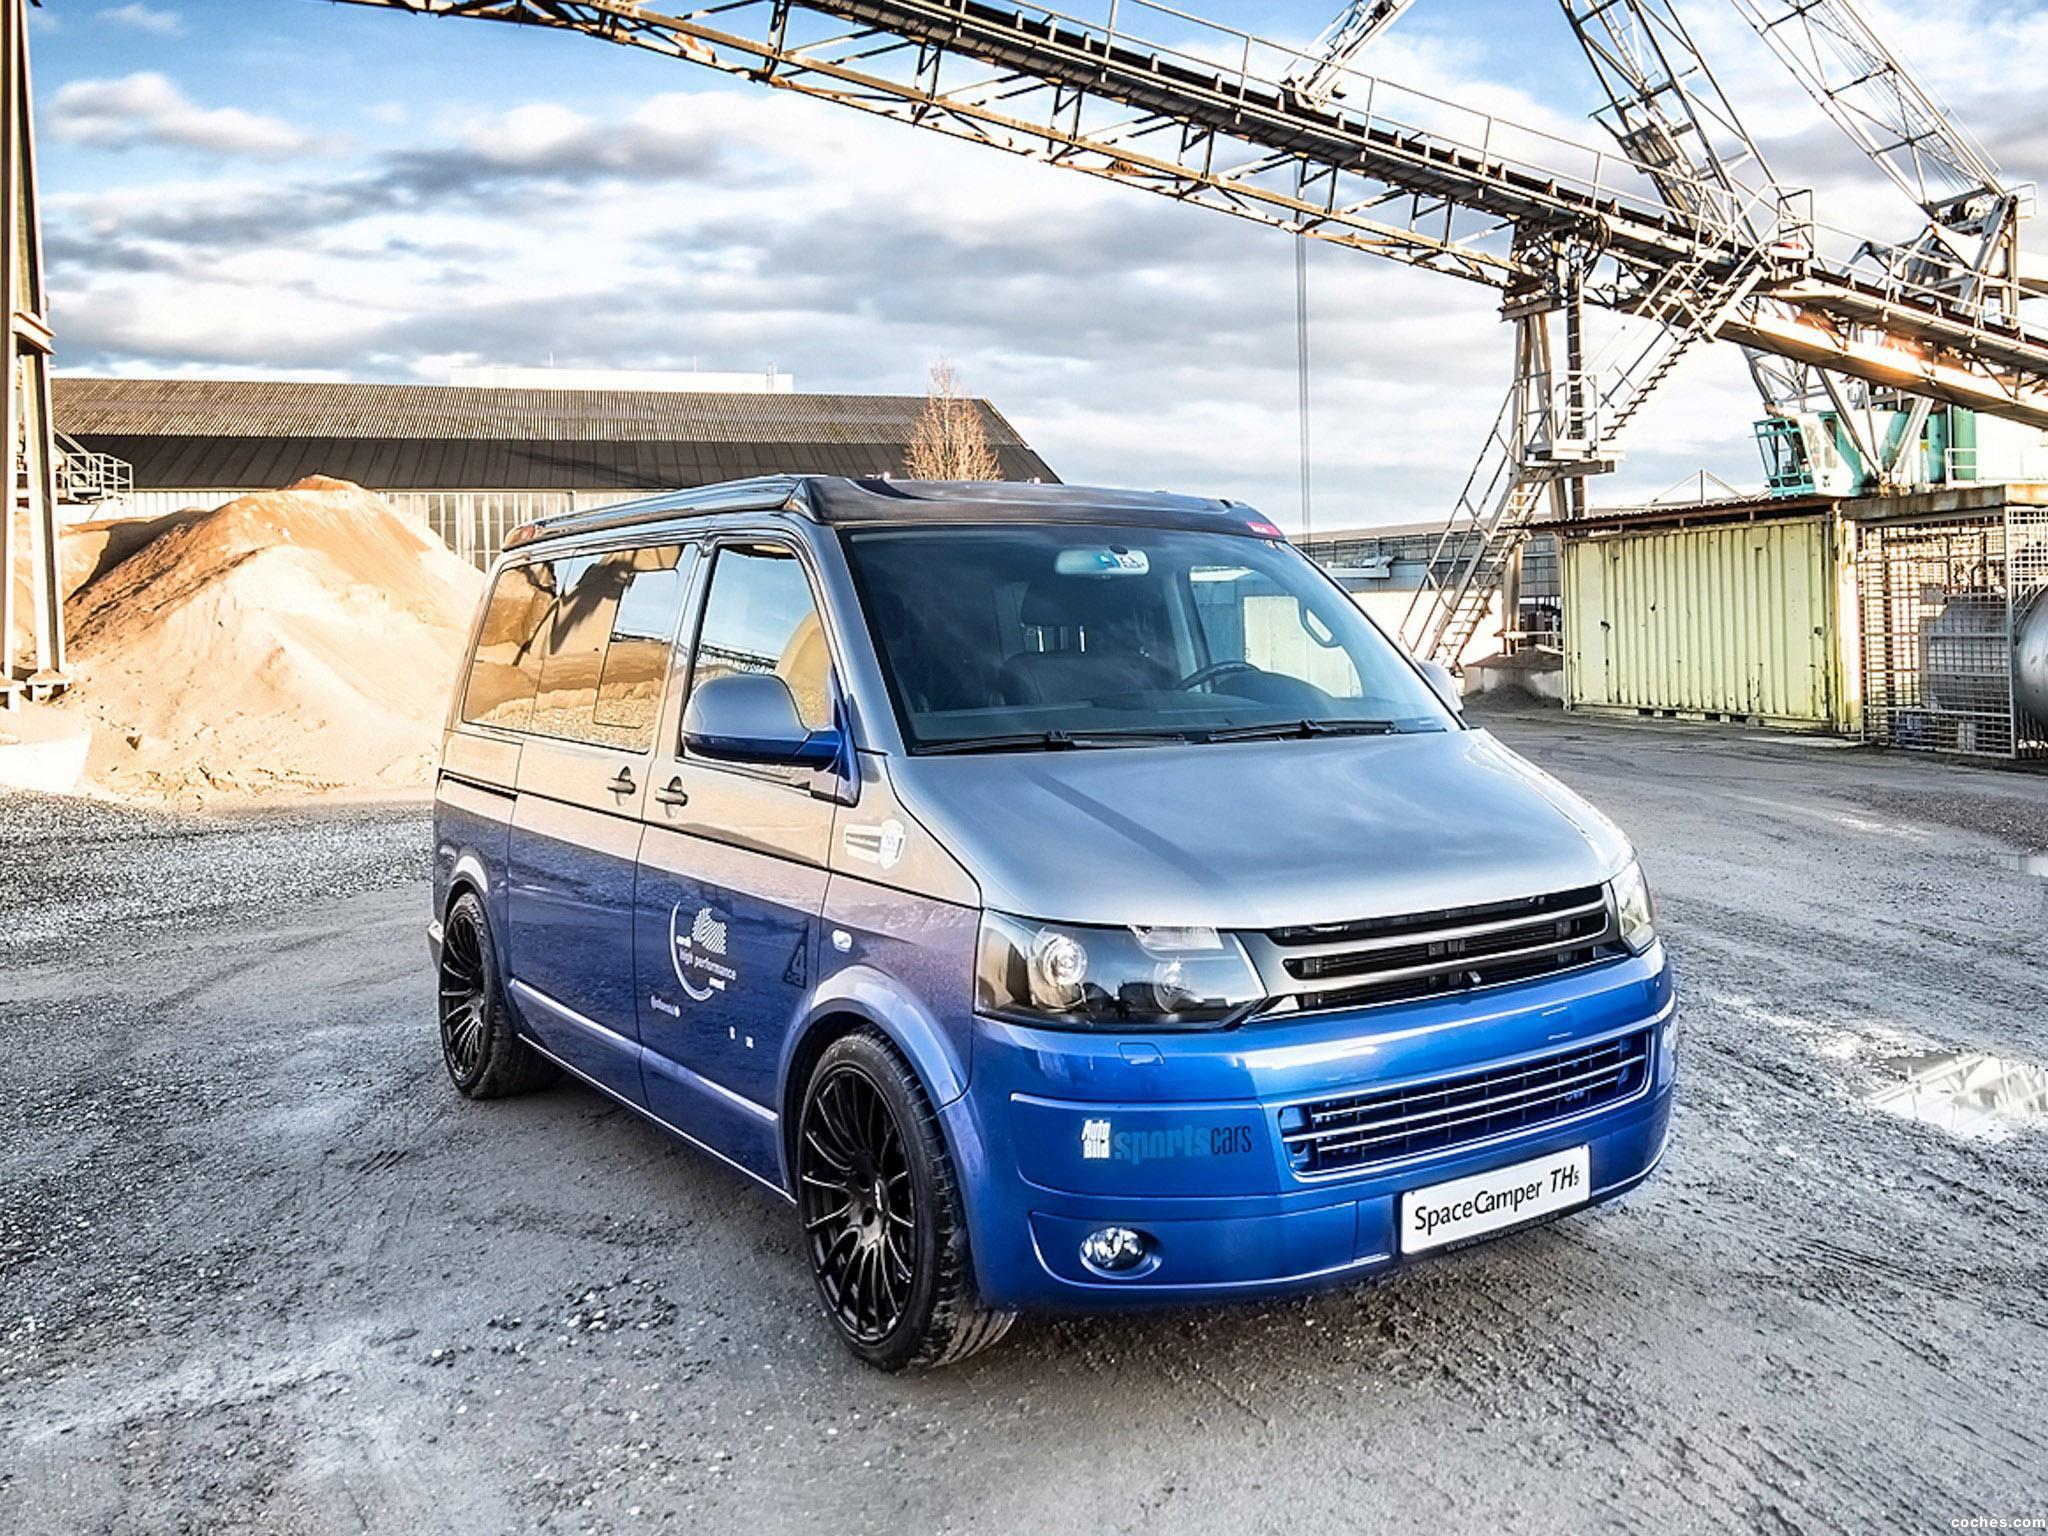 Foto 0 de Volkswagen SpaceCamper TH5 2014